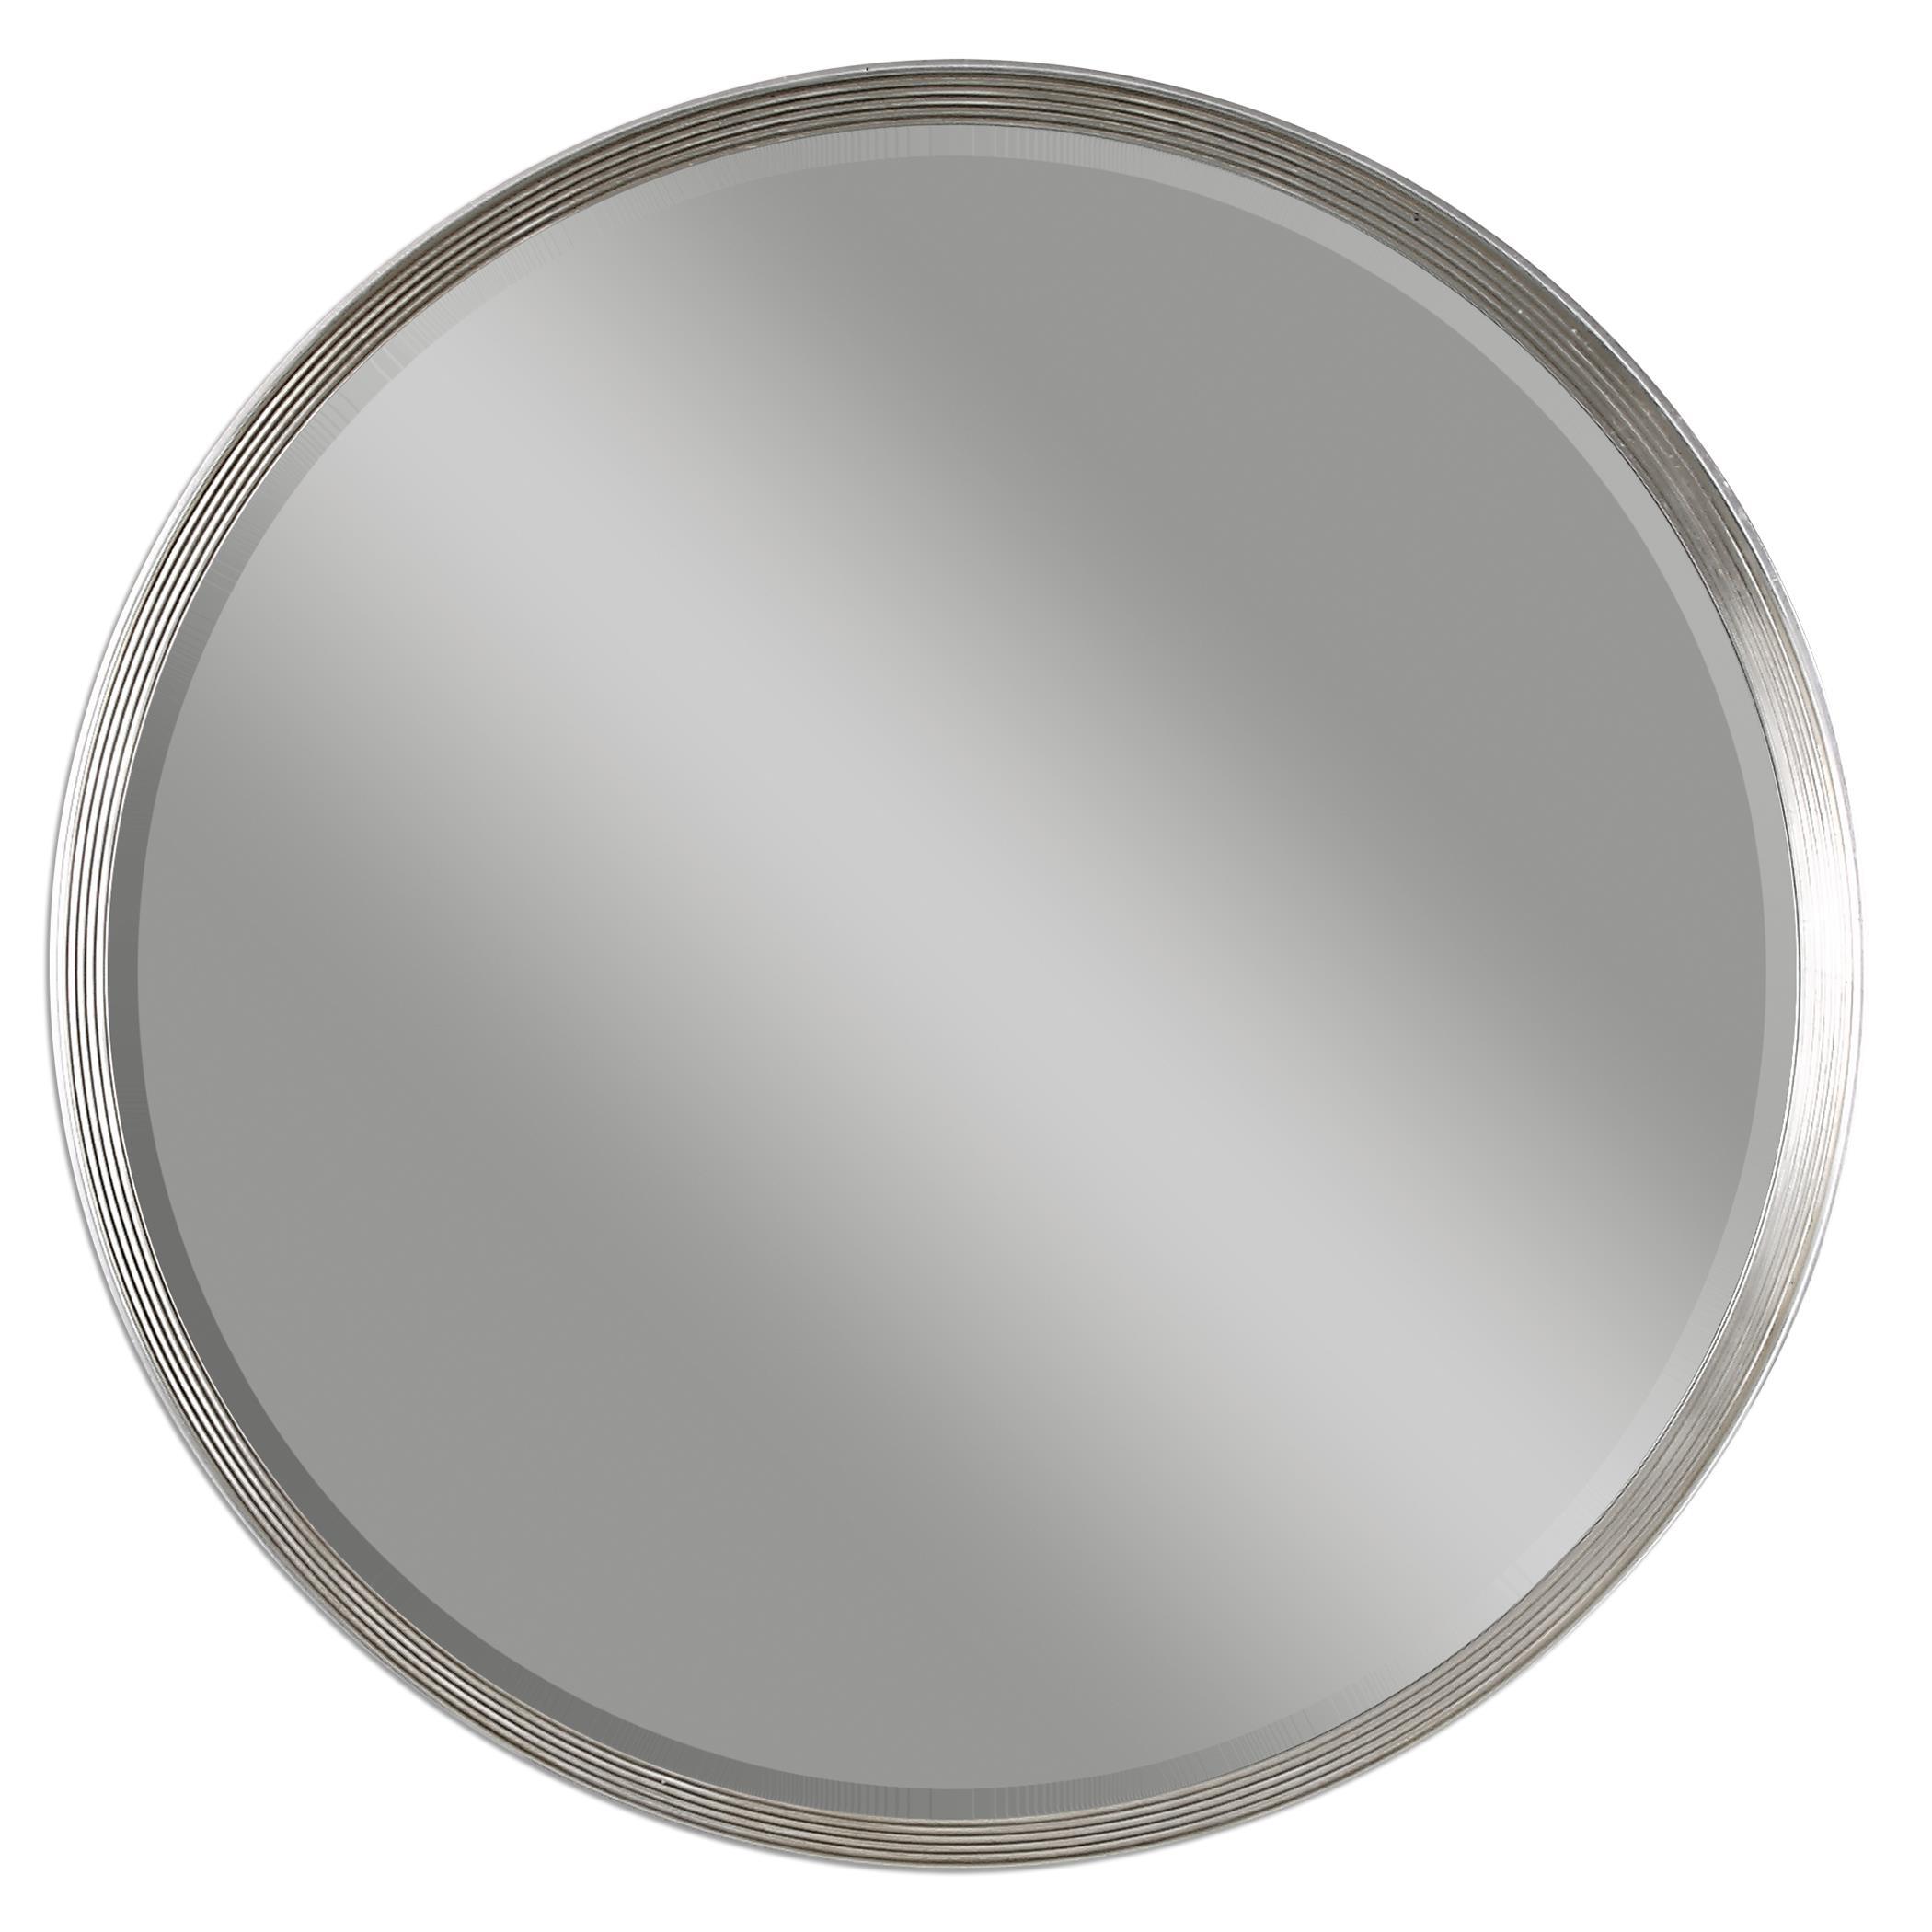 Uttermost Mirrors Serenza Round Silver Mirror